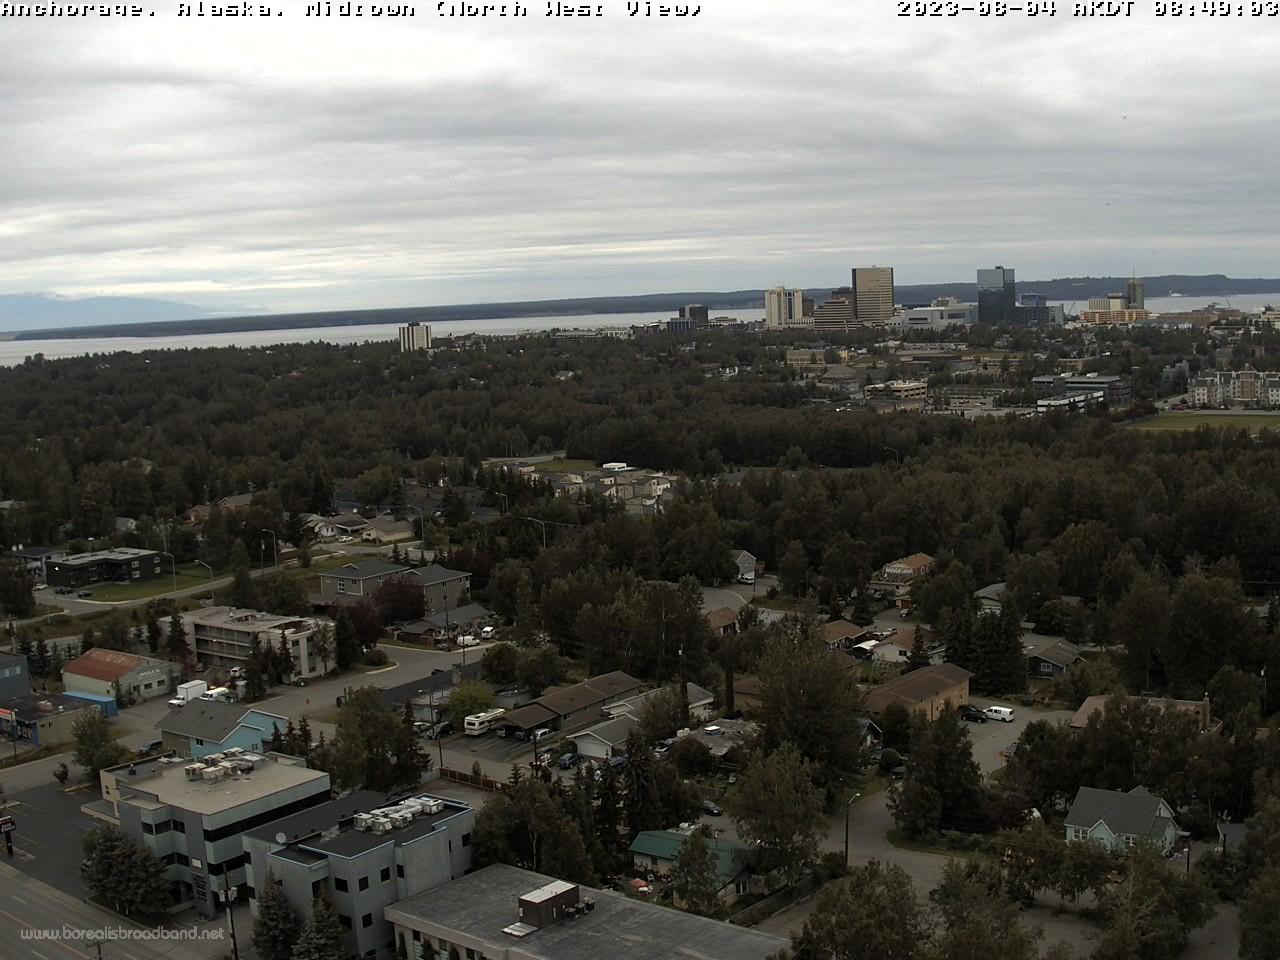 Anchorage, Alaska Fri. 08:49